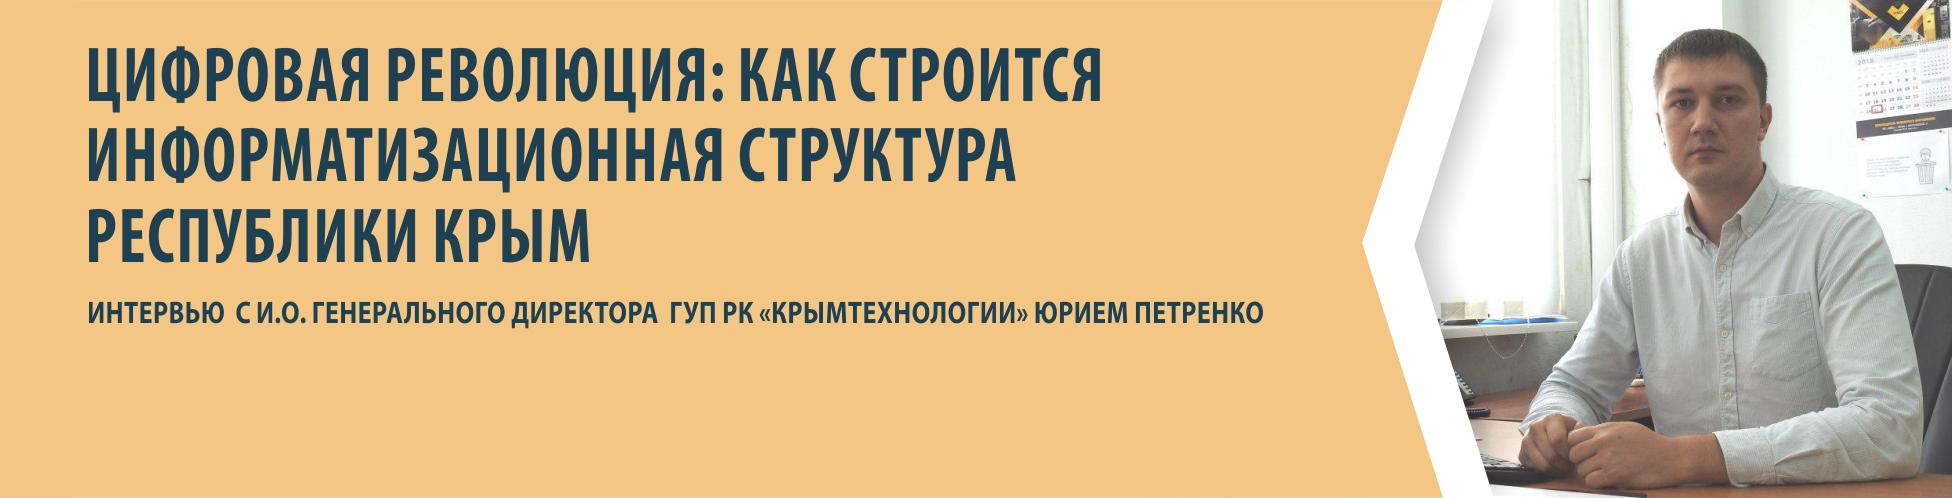 Интервью с Юрием Петренко